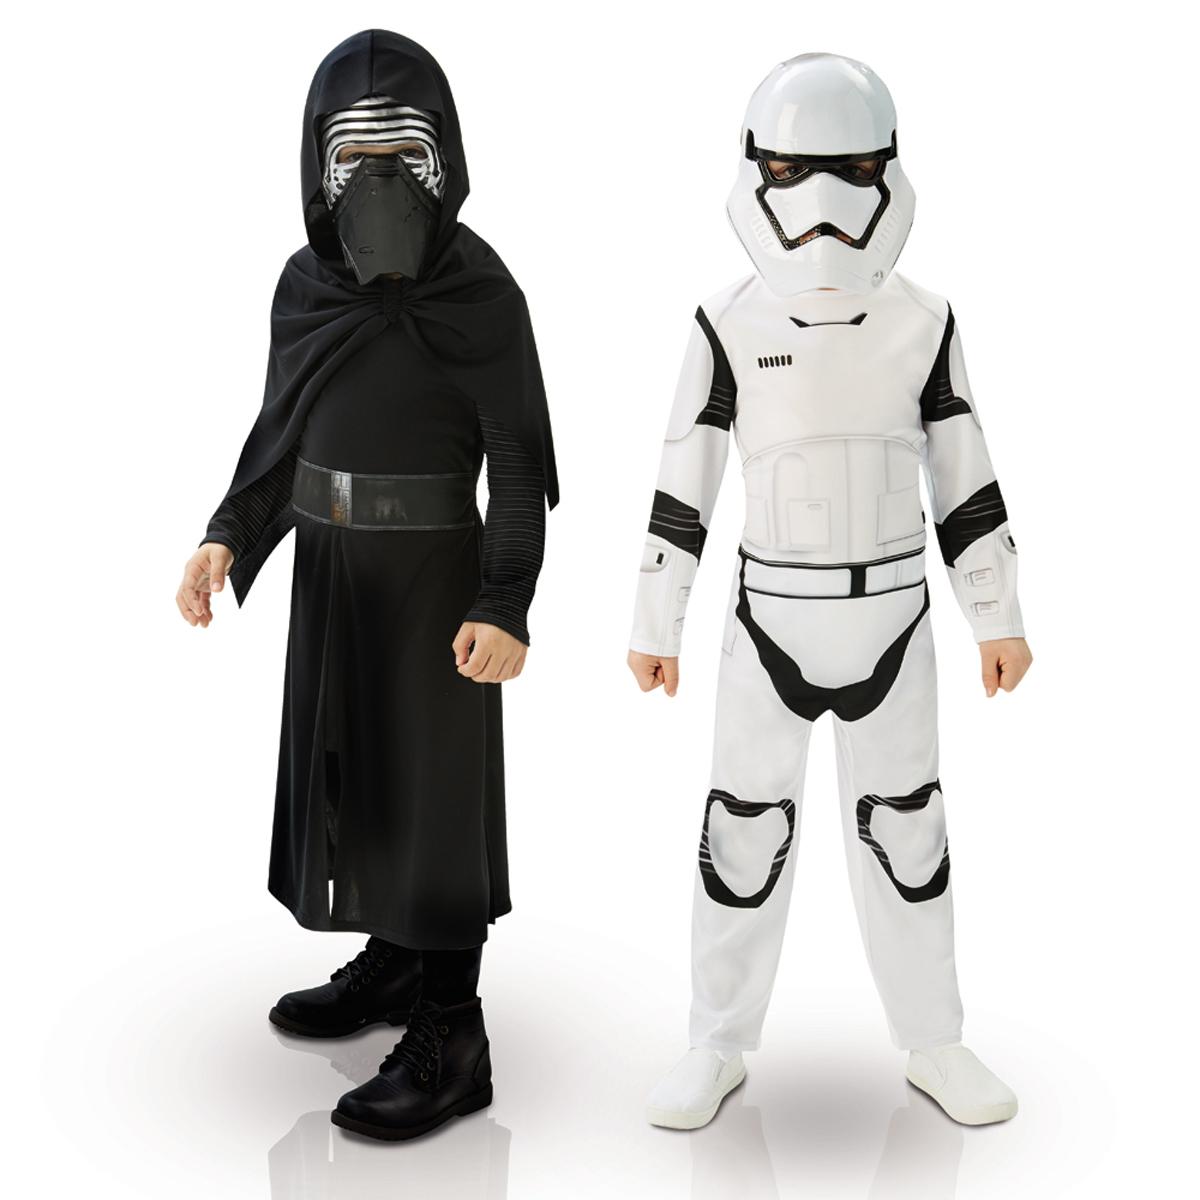 Boite Vitrine Kylo Ren et Stormtrooper - Star Wars VII 5/6 ans